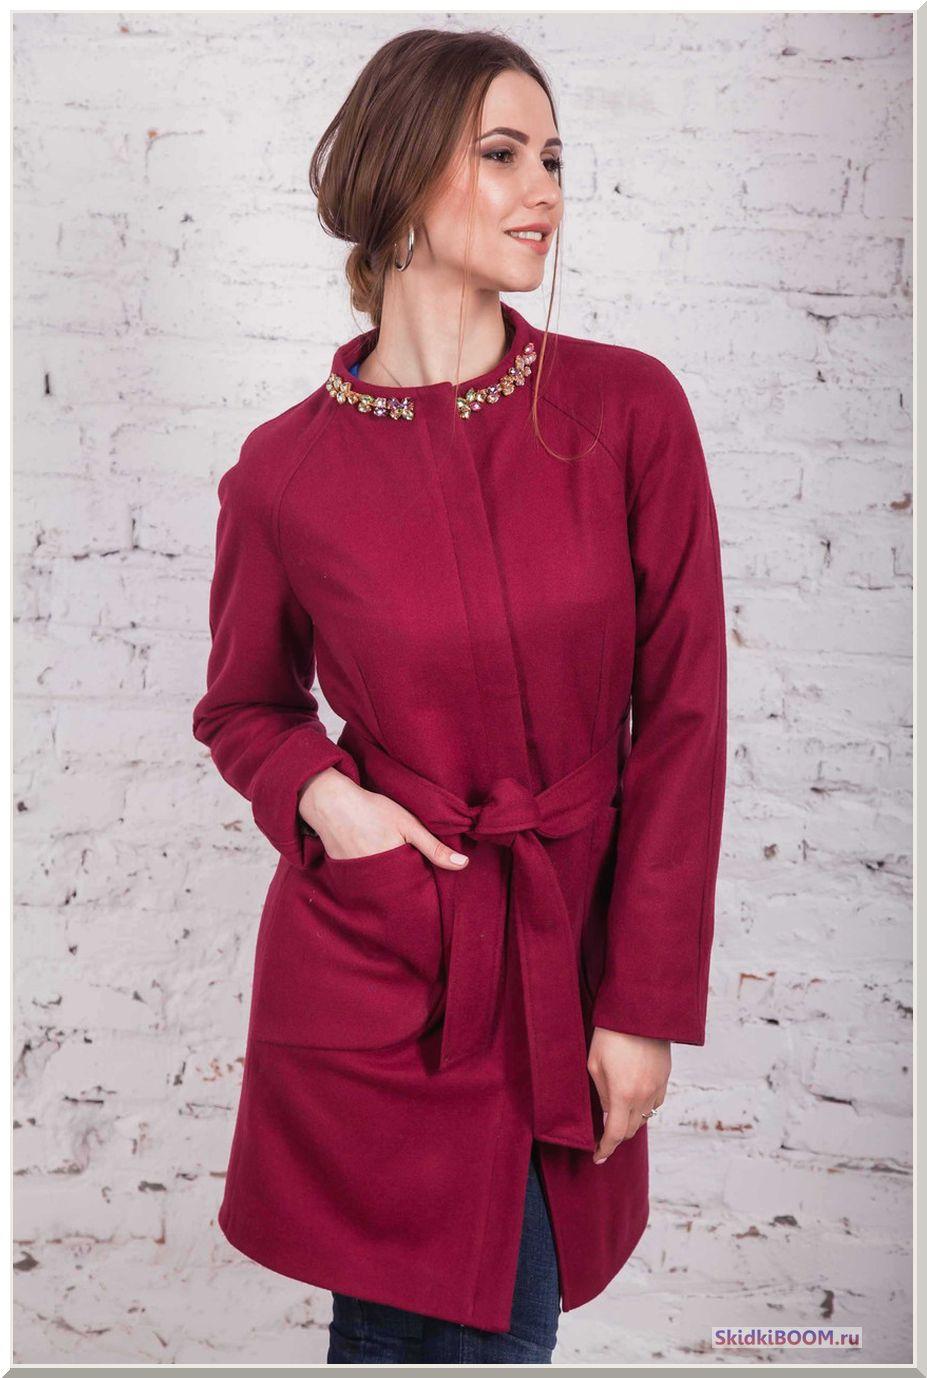 Как выбрать женское зимнее пальто - бордовое пальто